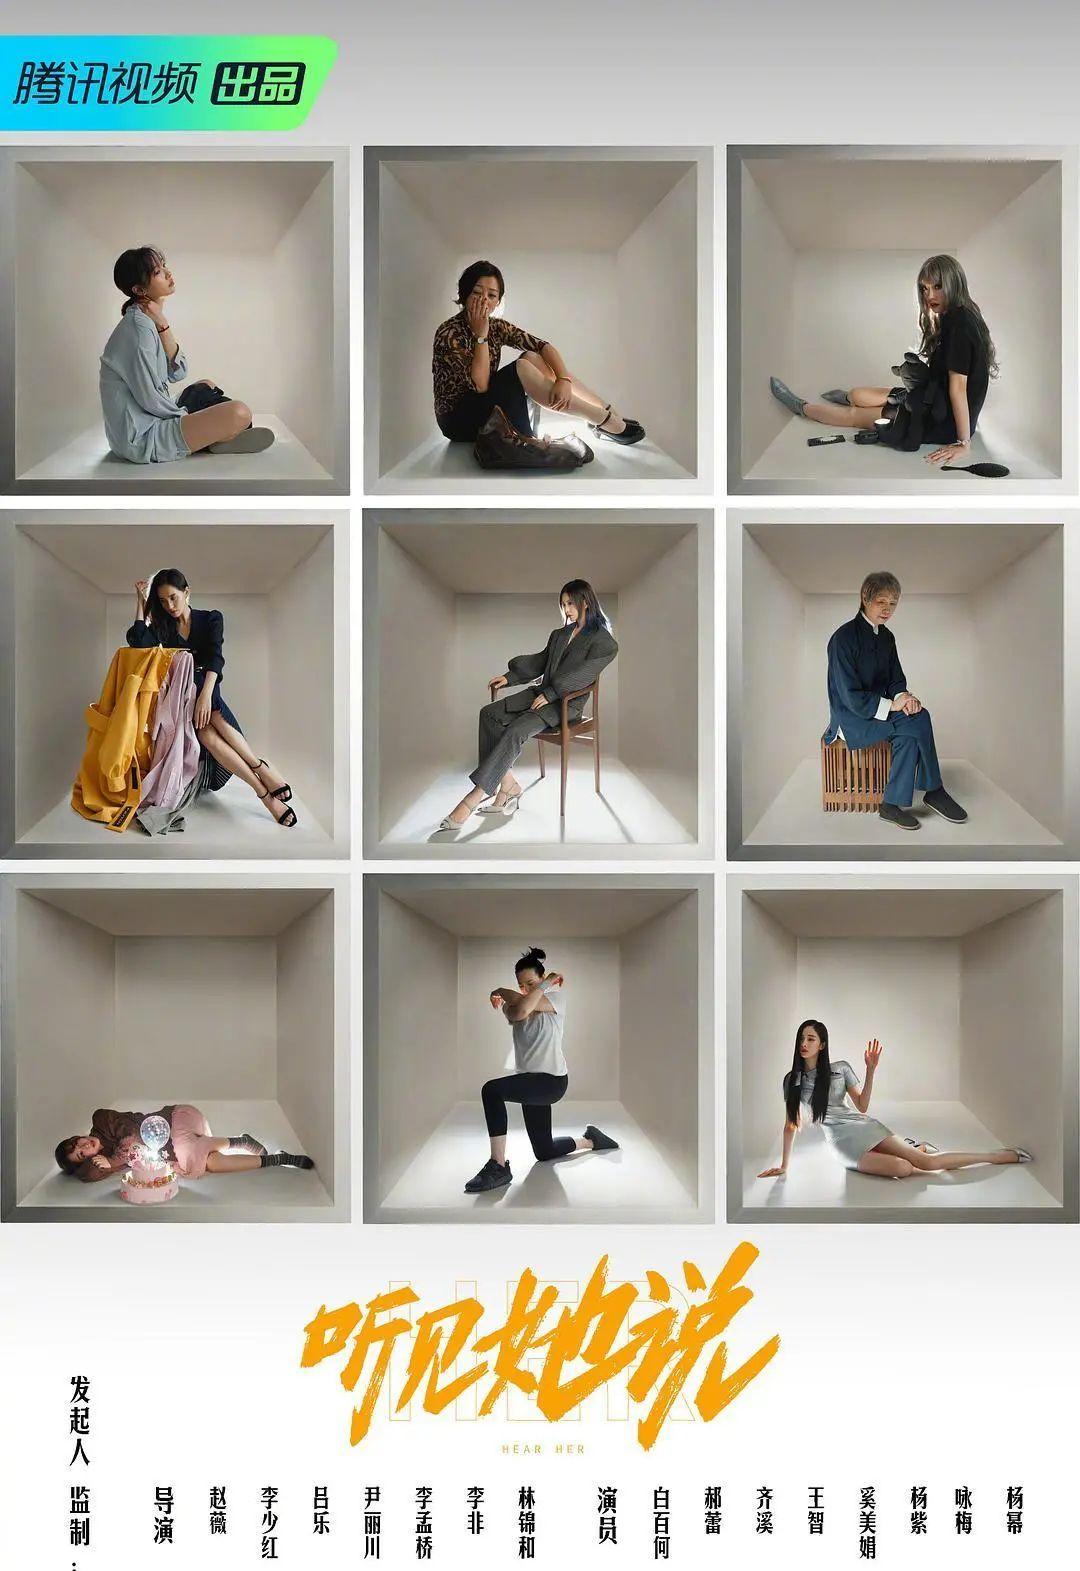 网剧《听见她说》以一种独白剧的形式展开描述现代女性在各个方面的压力和困境 (1)